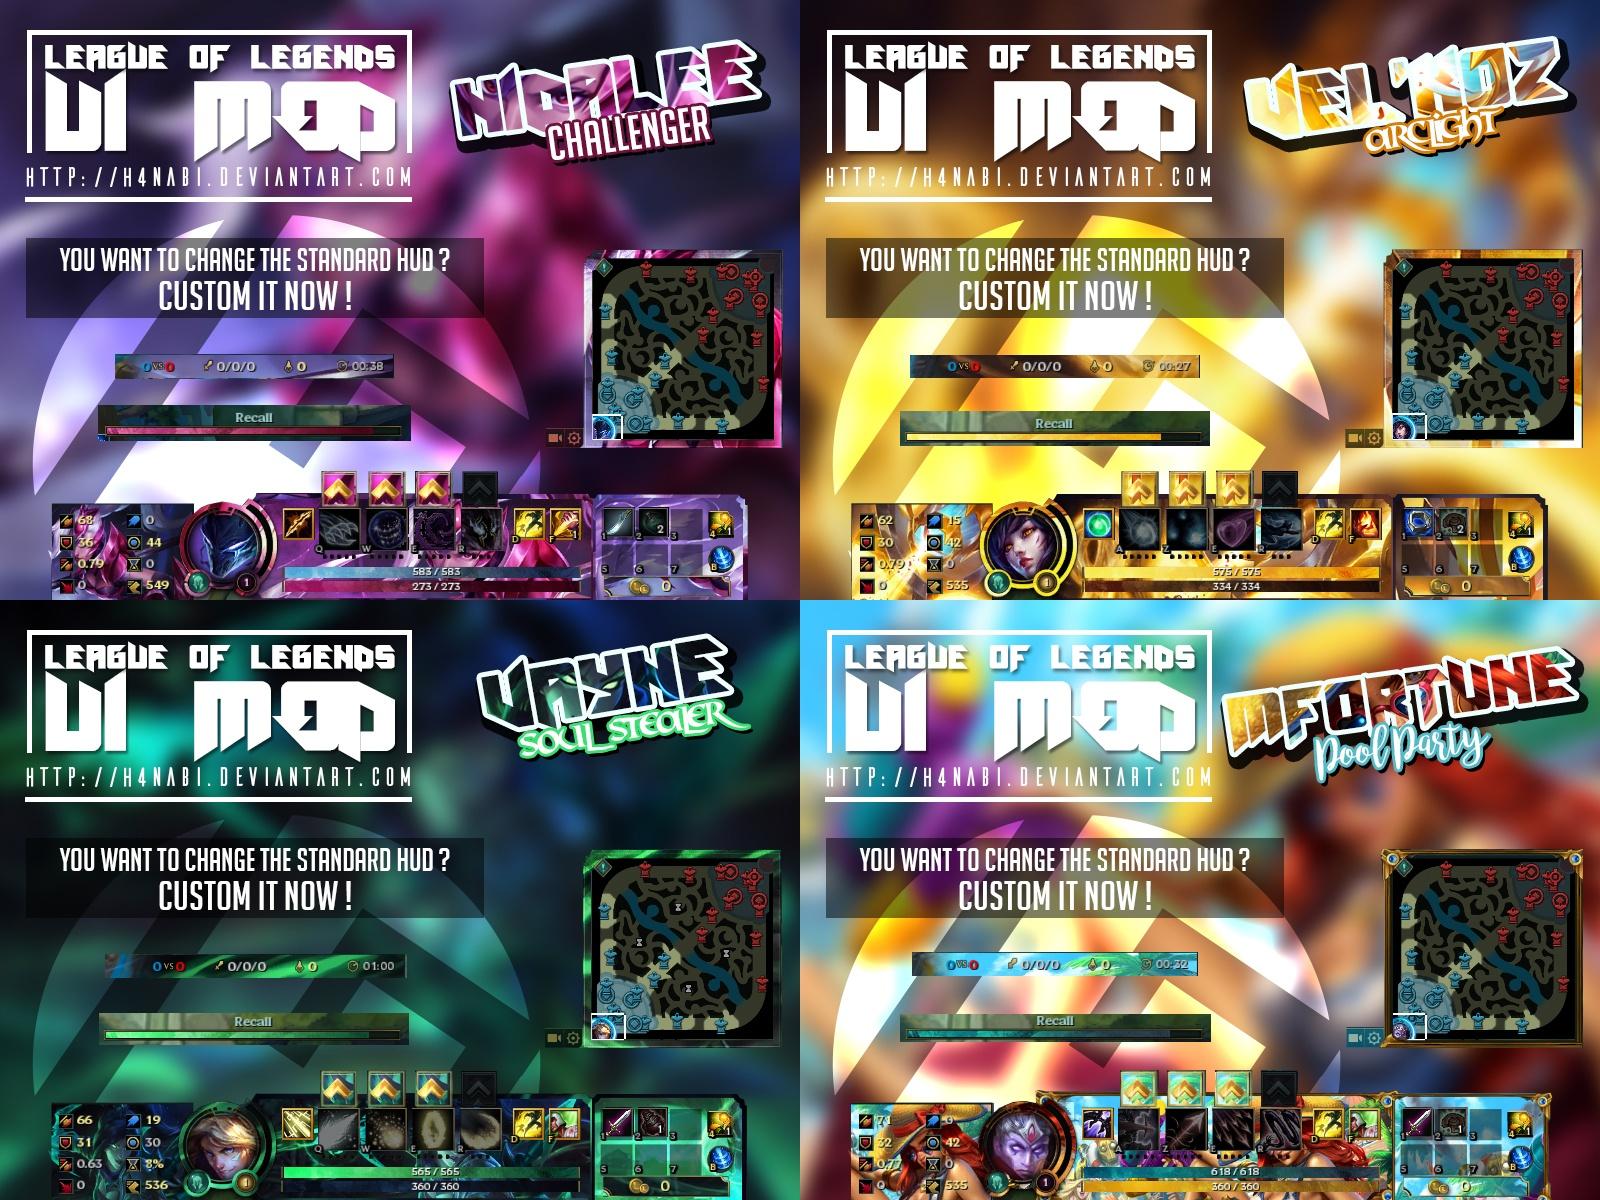 League of Legends UI Mod - #1